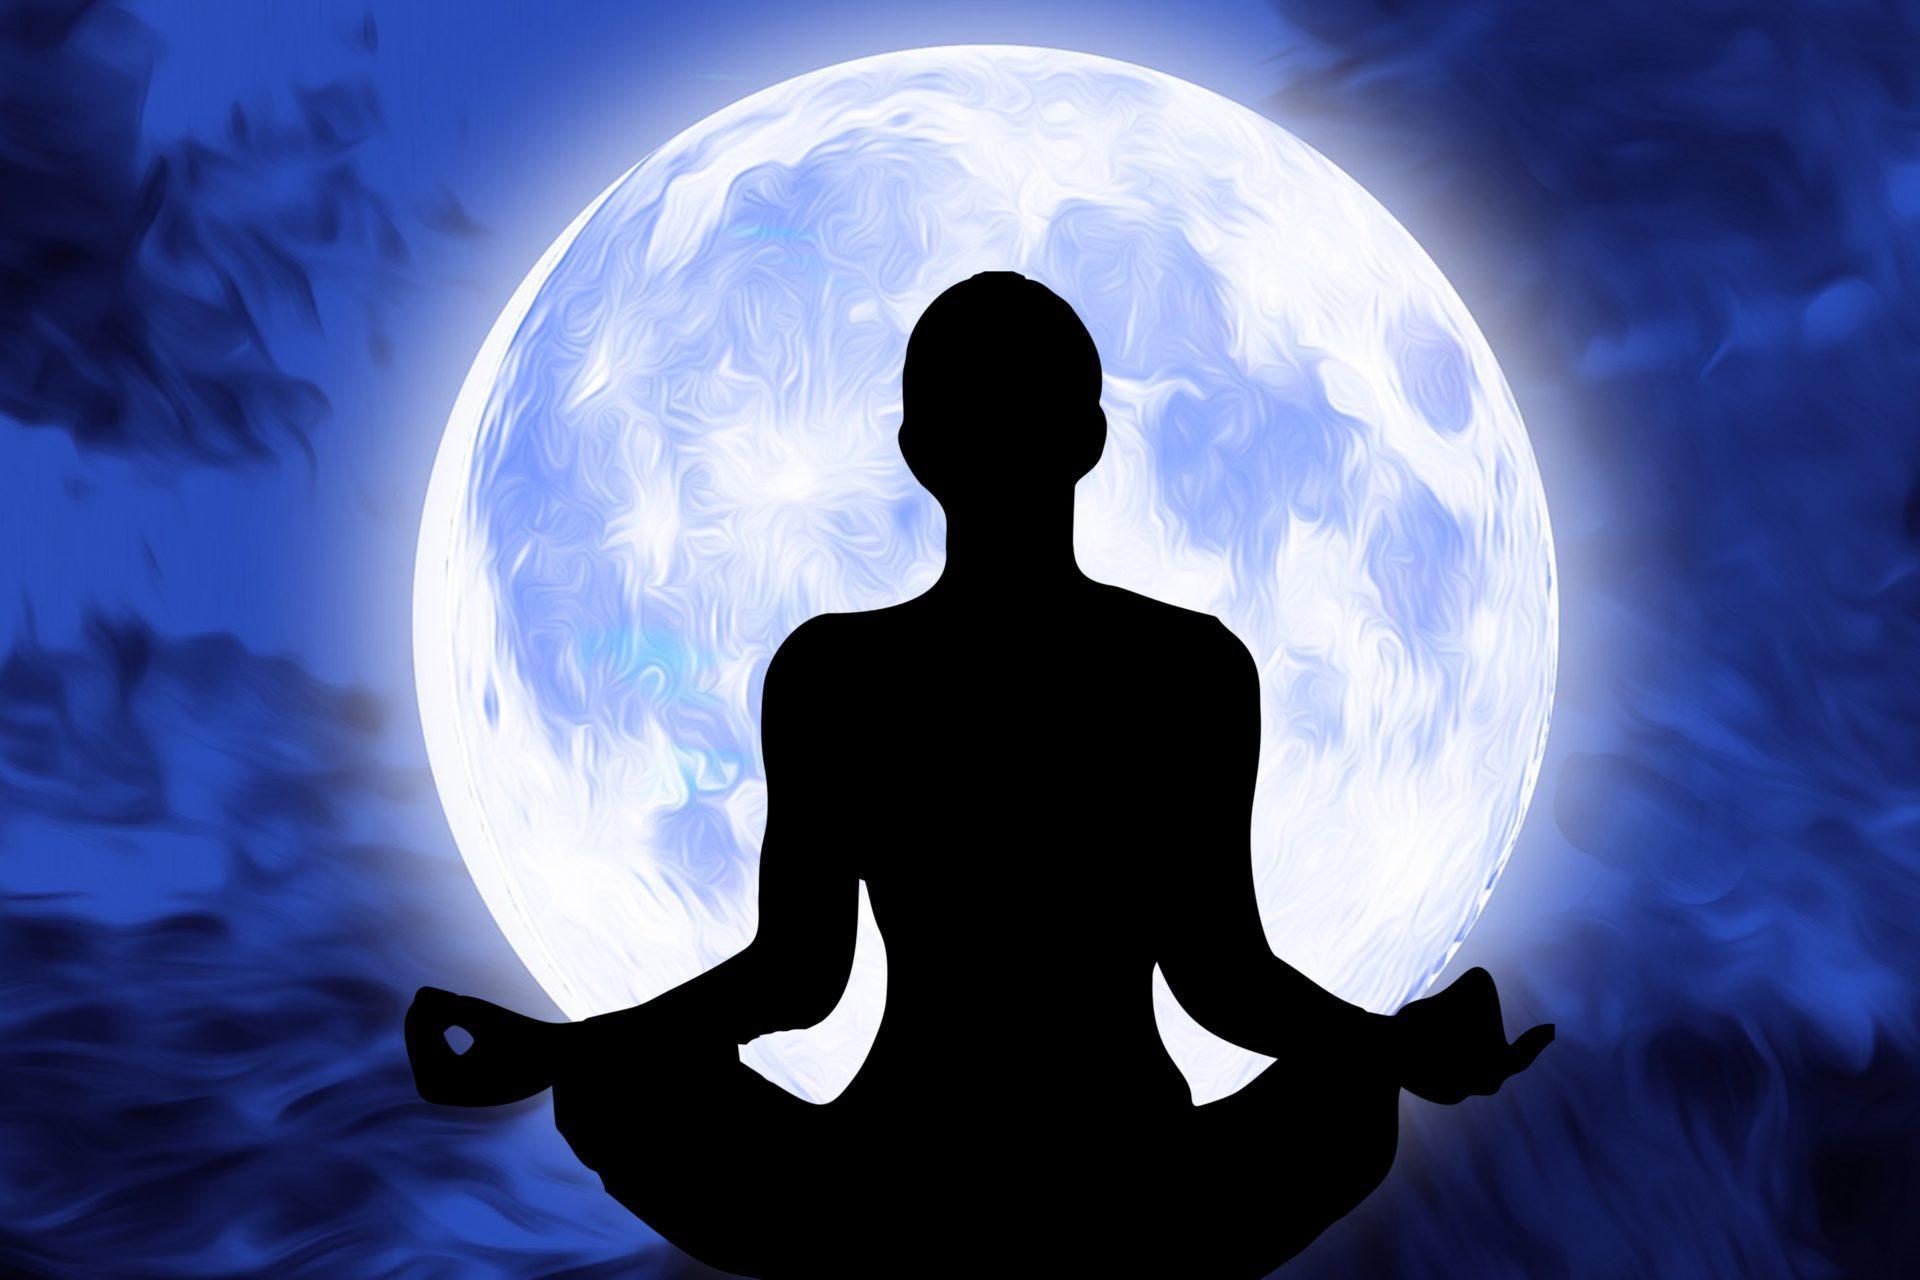 Bild einer sitzenden Silhouette in Meditationshaltung vor einem großen Vollmond als Symbol für die angesprochenen Meditations- und Entspannungsmethoden